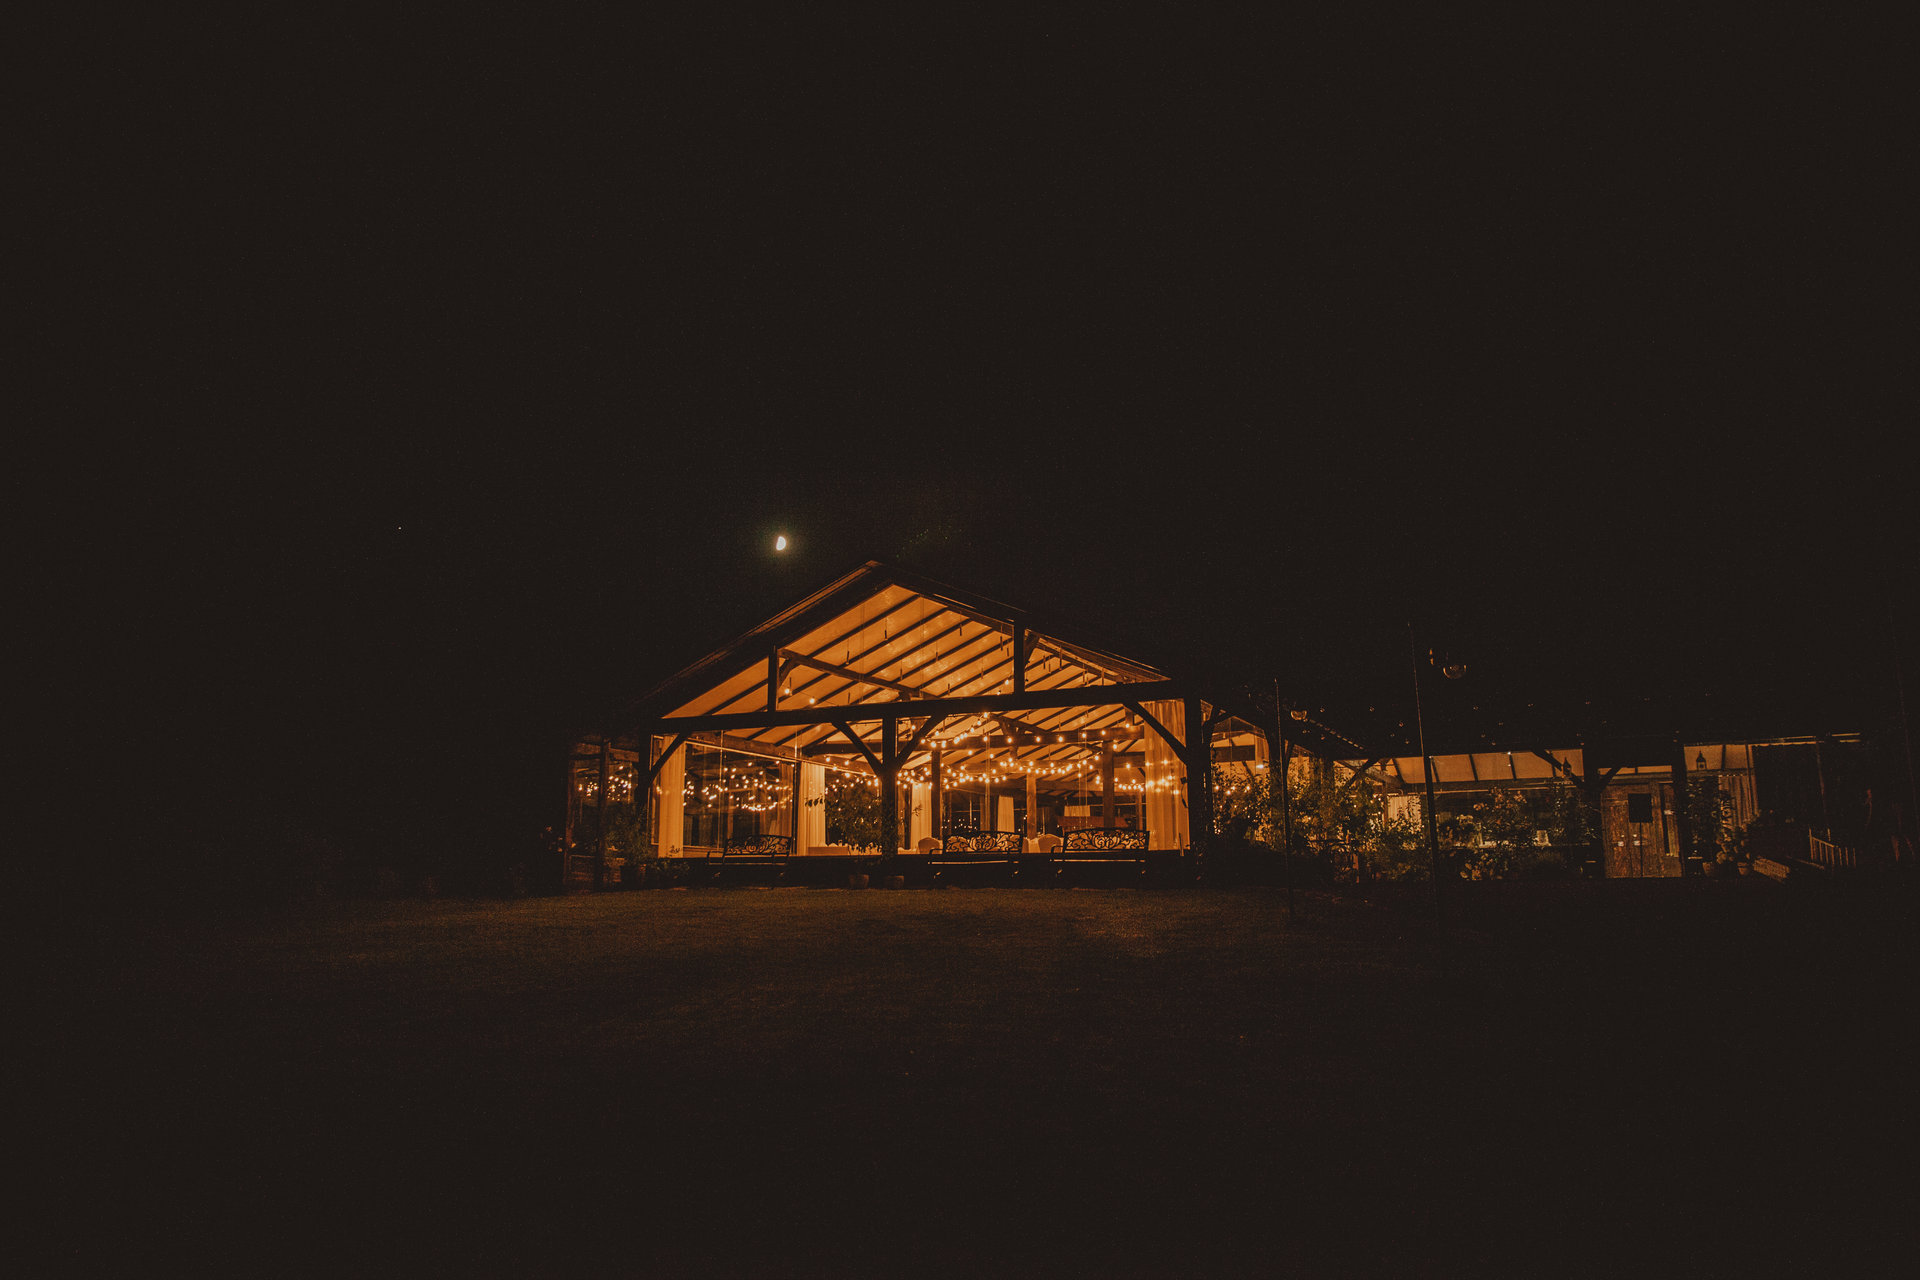 szklana stodoła, girlandowo, wesele w stodole